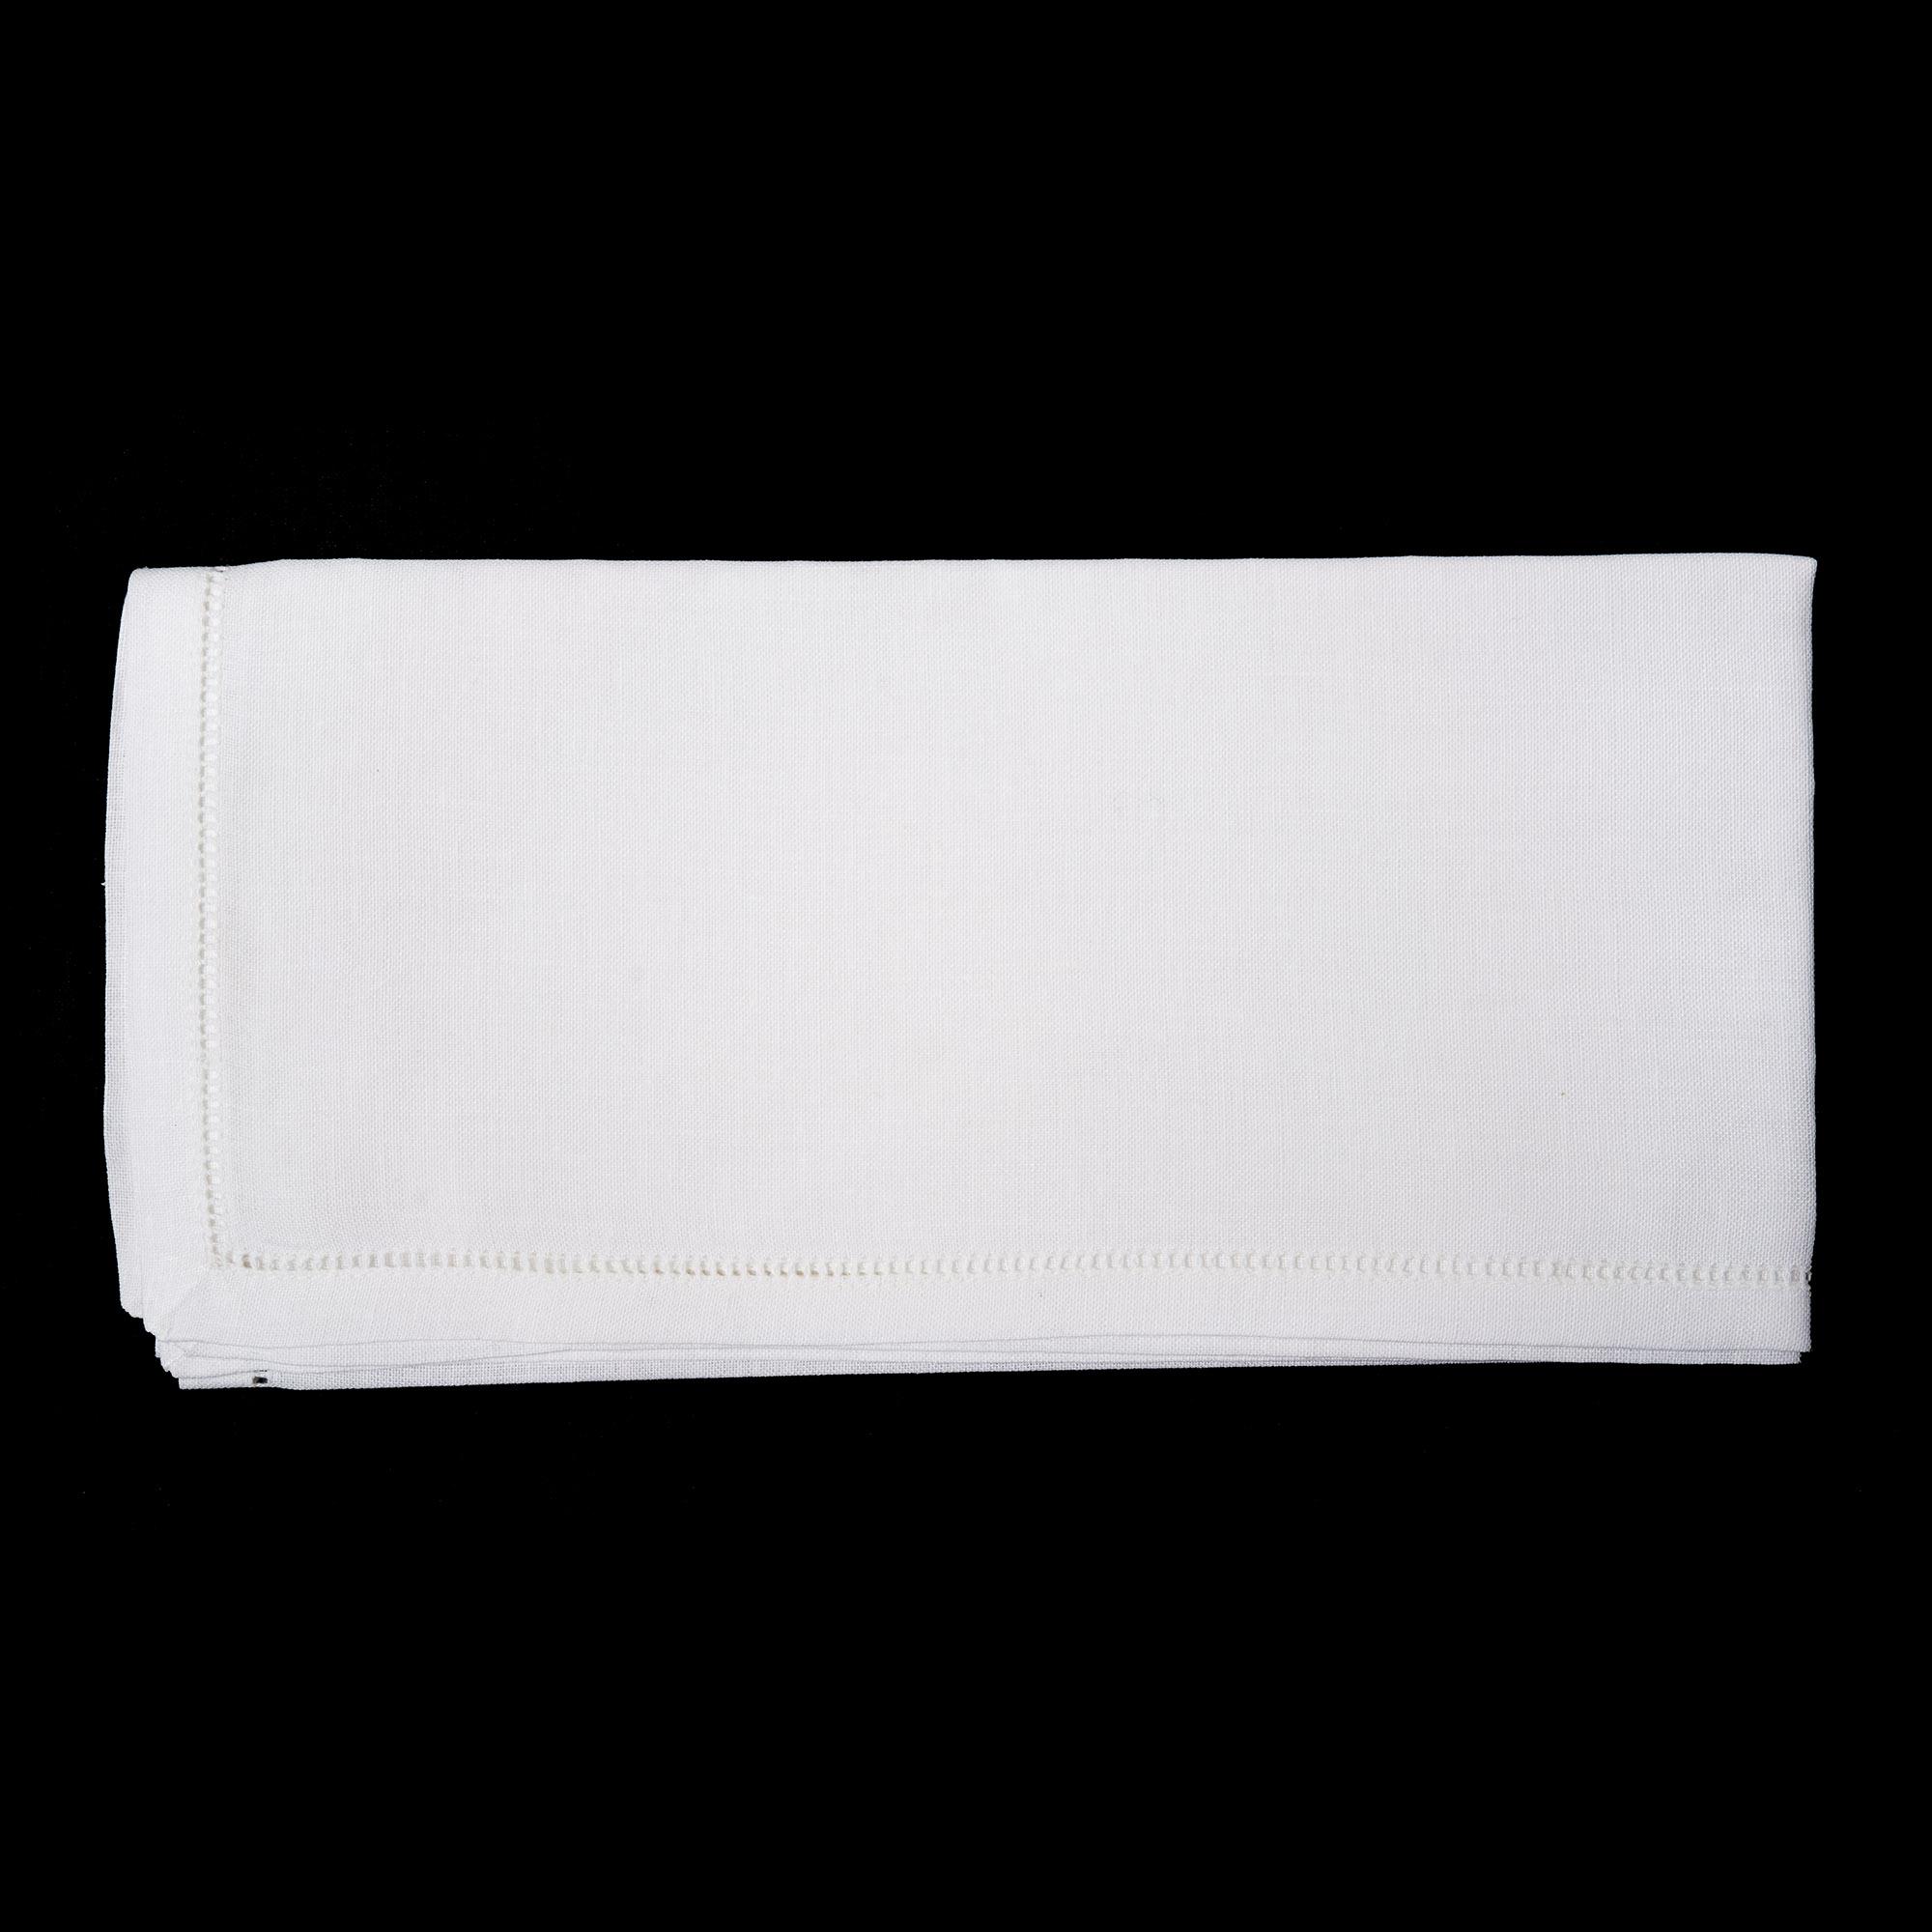 Servilletas de lino blancas